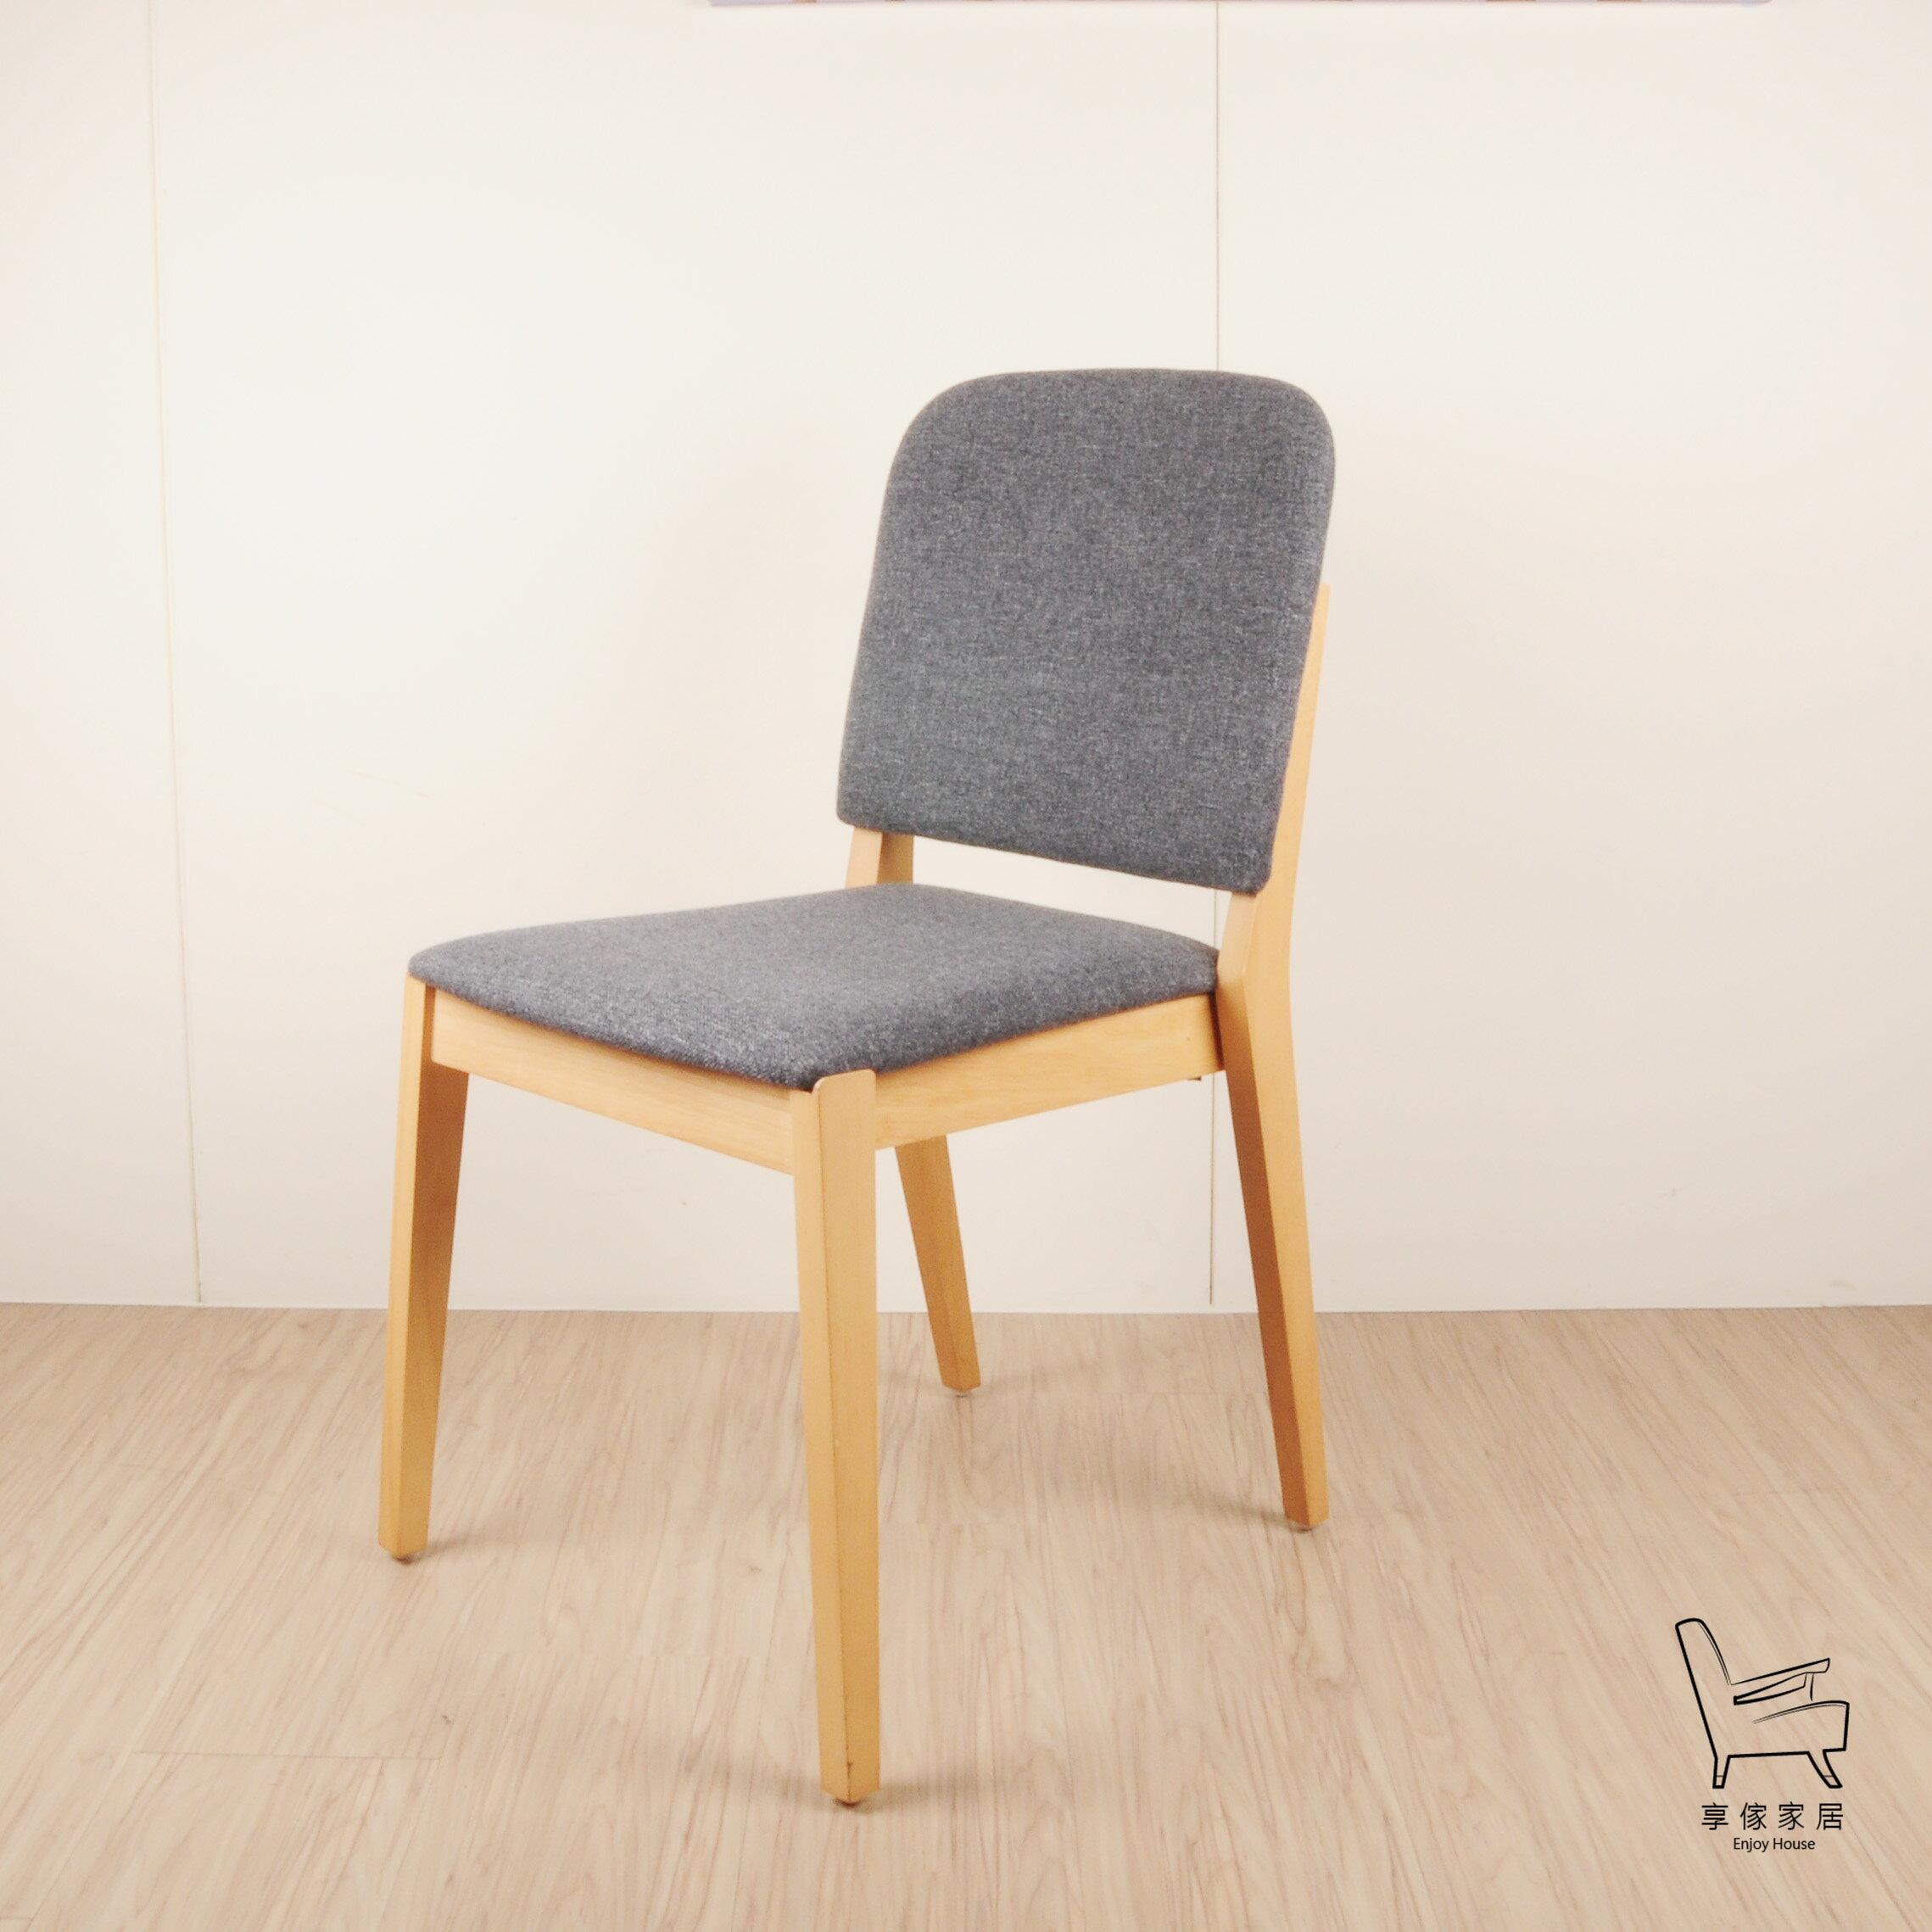 Knitting餐椅/書桌椅 灰色 實木椅座 47公分高